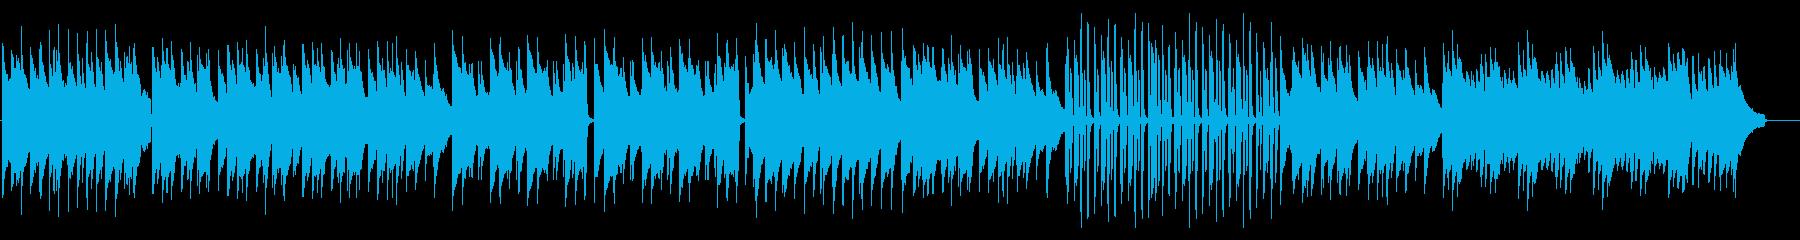 ラジオ体操風の、シンプルで明るいピアノの再生済みの波形